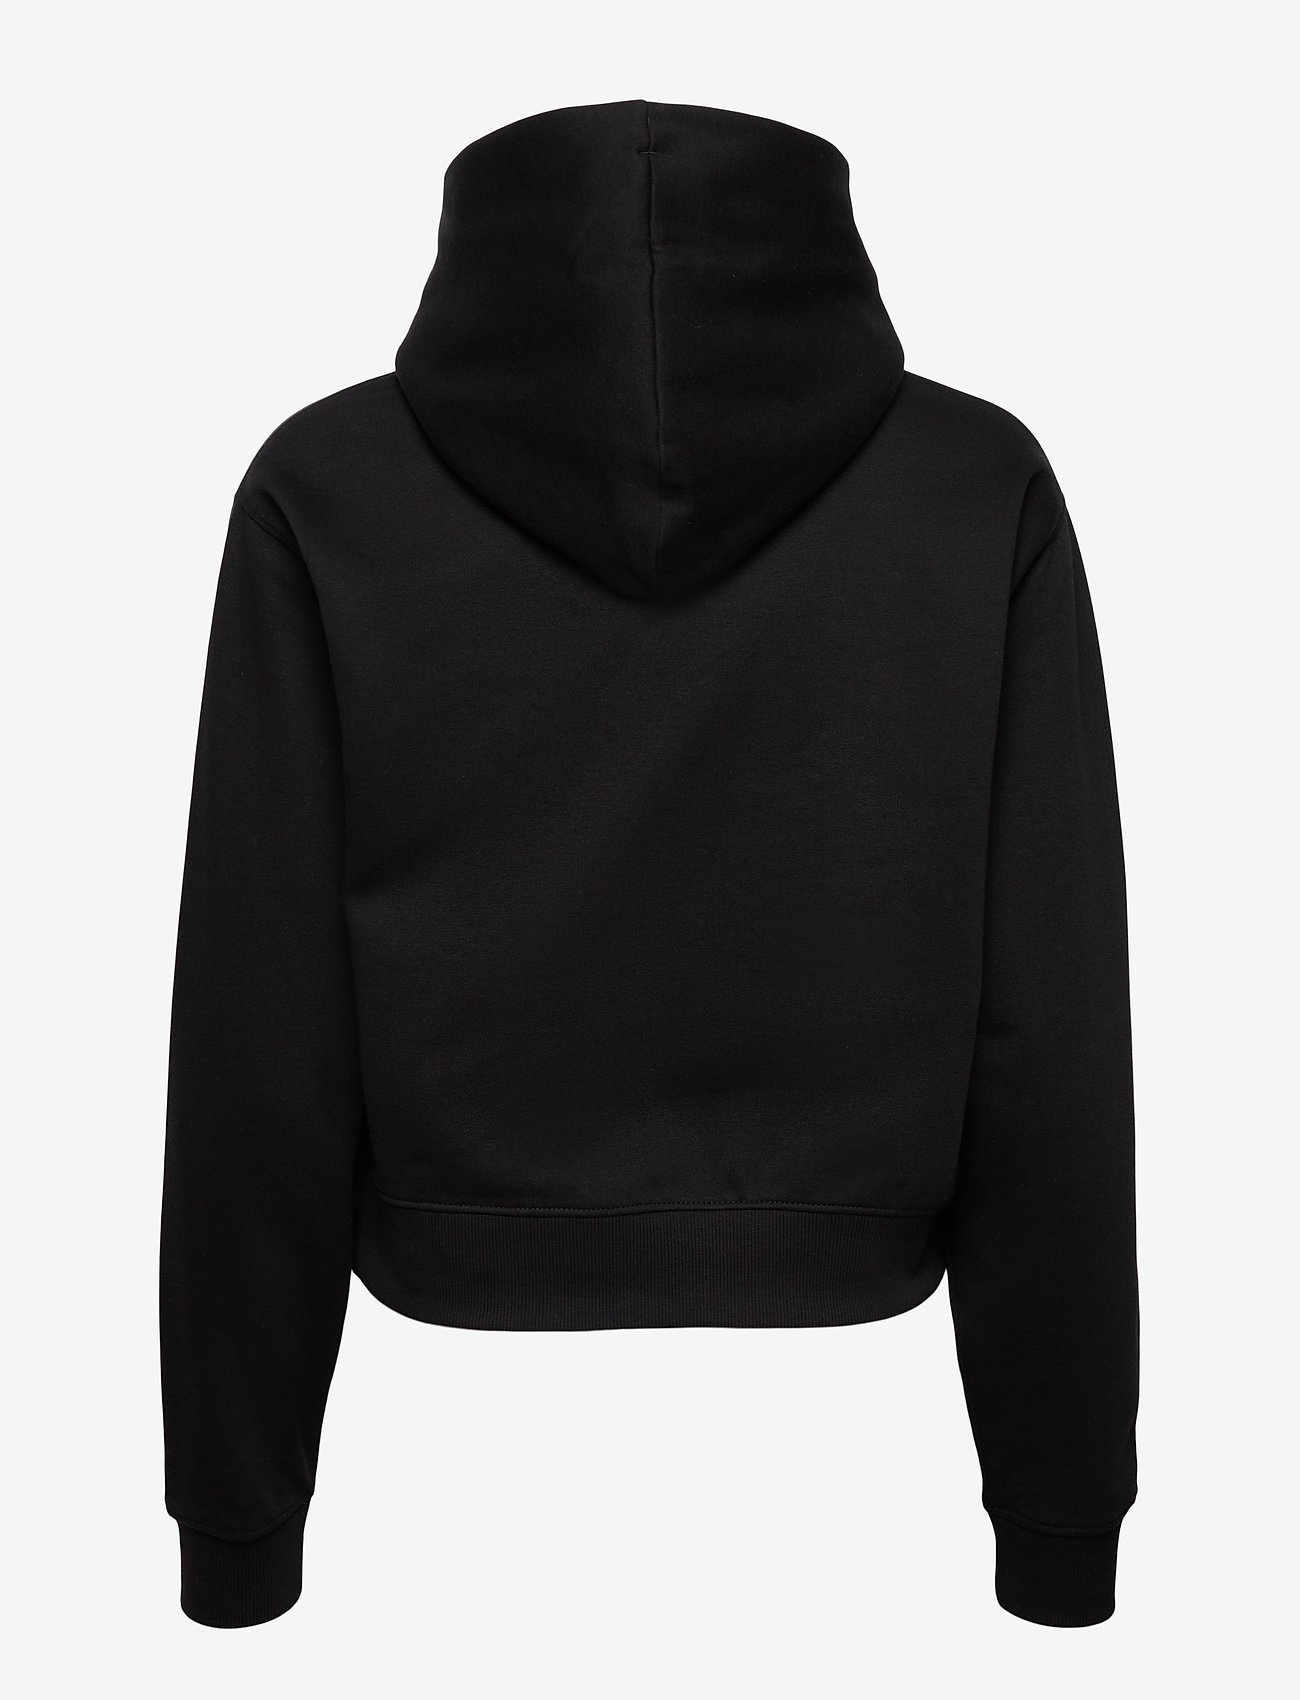 Tommy Jeans - TJW RELAXED CROP LOGO HOODIE - sweatshirts & hoodies - black - 1